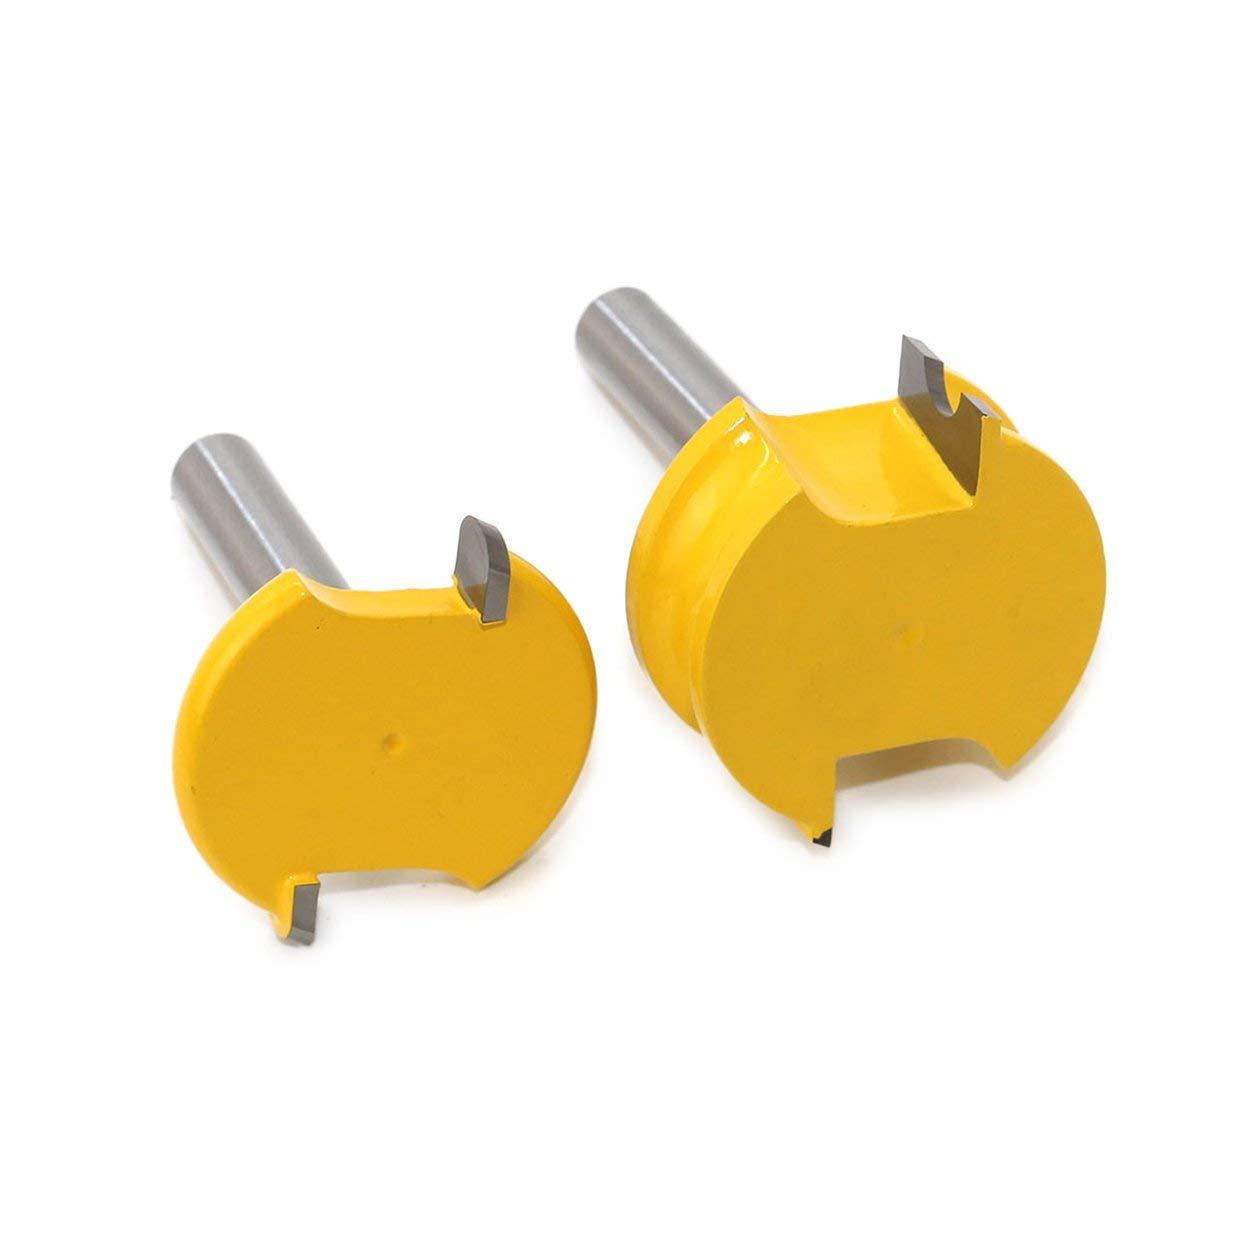 2 ST/ÜCKE 8 MM Schaft Kanu Fl/öte und Perle Fr/äser Set Holzschneider Holz Zapfen Fr/äser Bits Werkzeuge-Gelb /& Silber